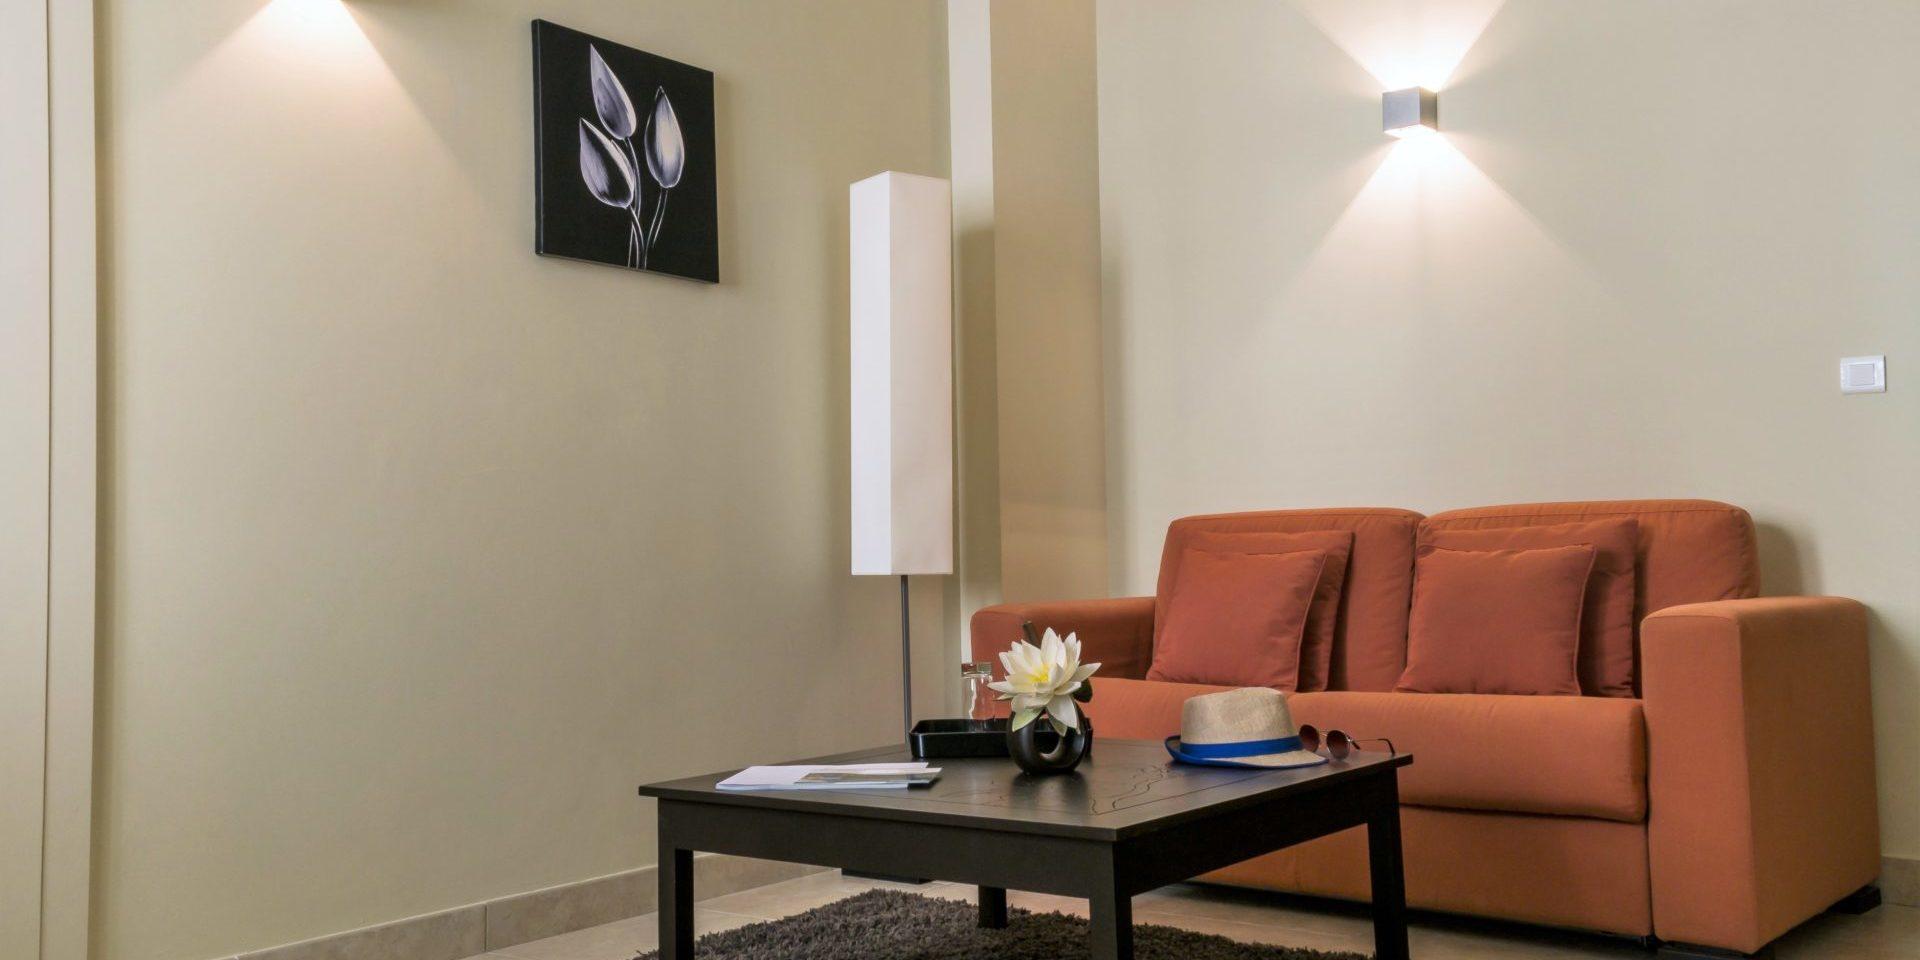 Hotel Perla Rossa Ile Rousse Corsica Frankrijk SkiMaquis OntdekCorsica junior suite zithoek